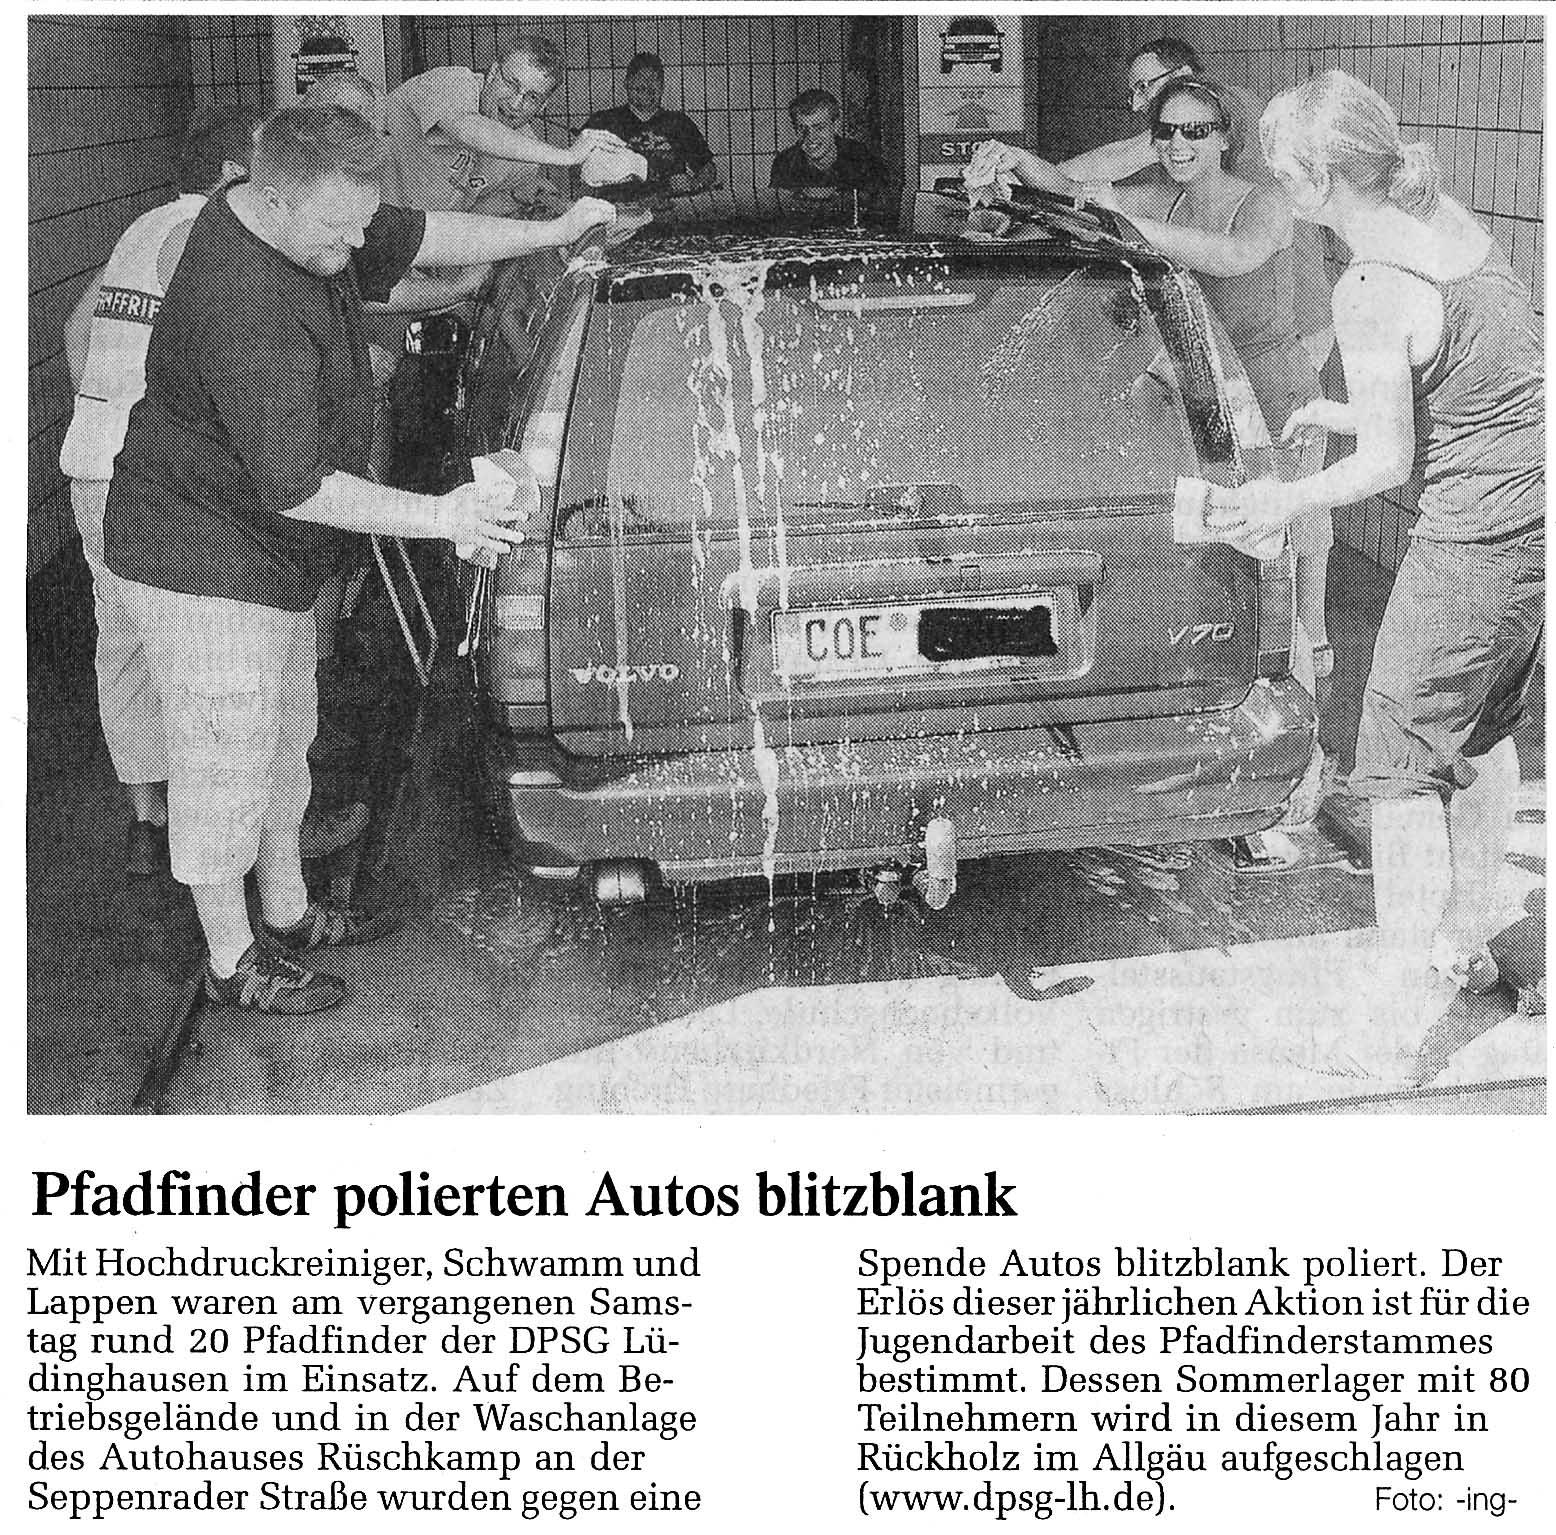 Pfadfinder polierten Auto blitzblank